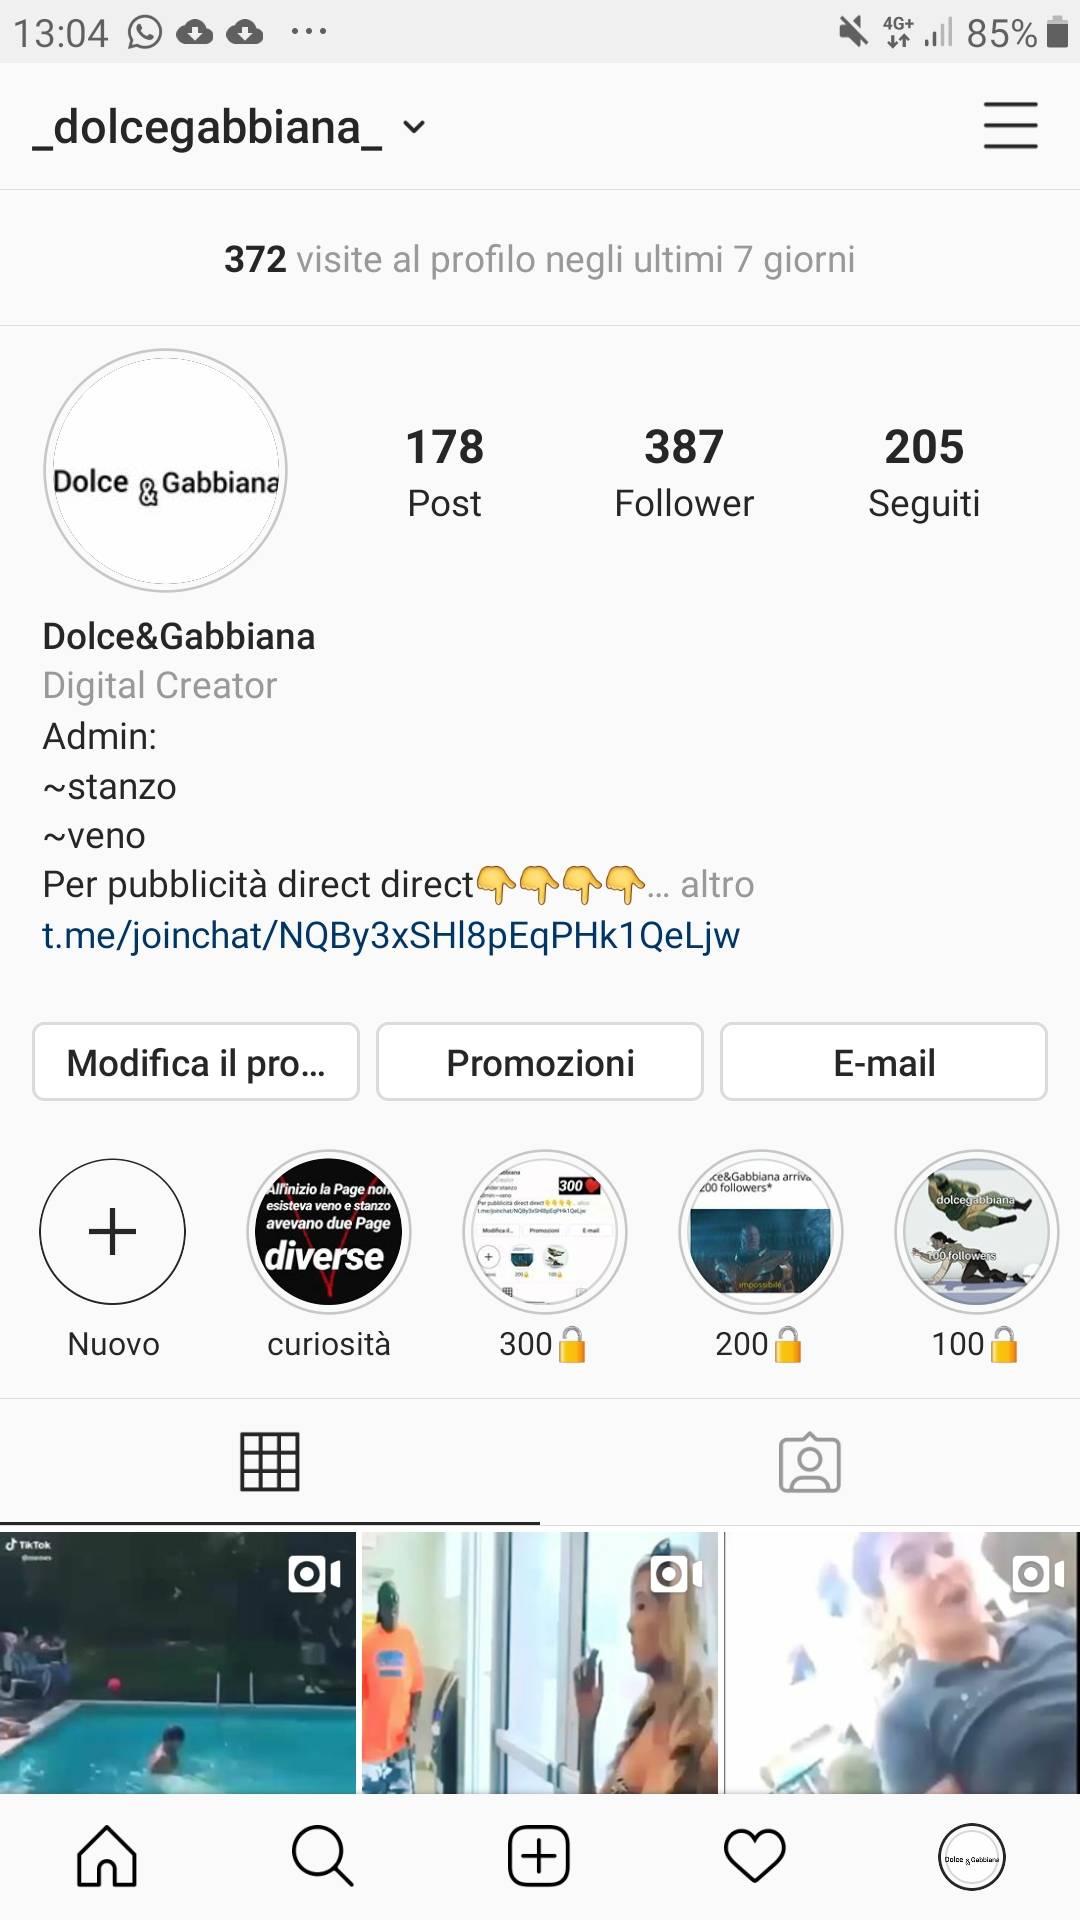 Sponzorizzazzioni reciproche (gratuite) su instagram